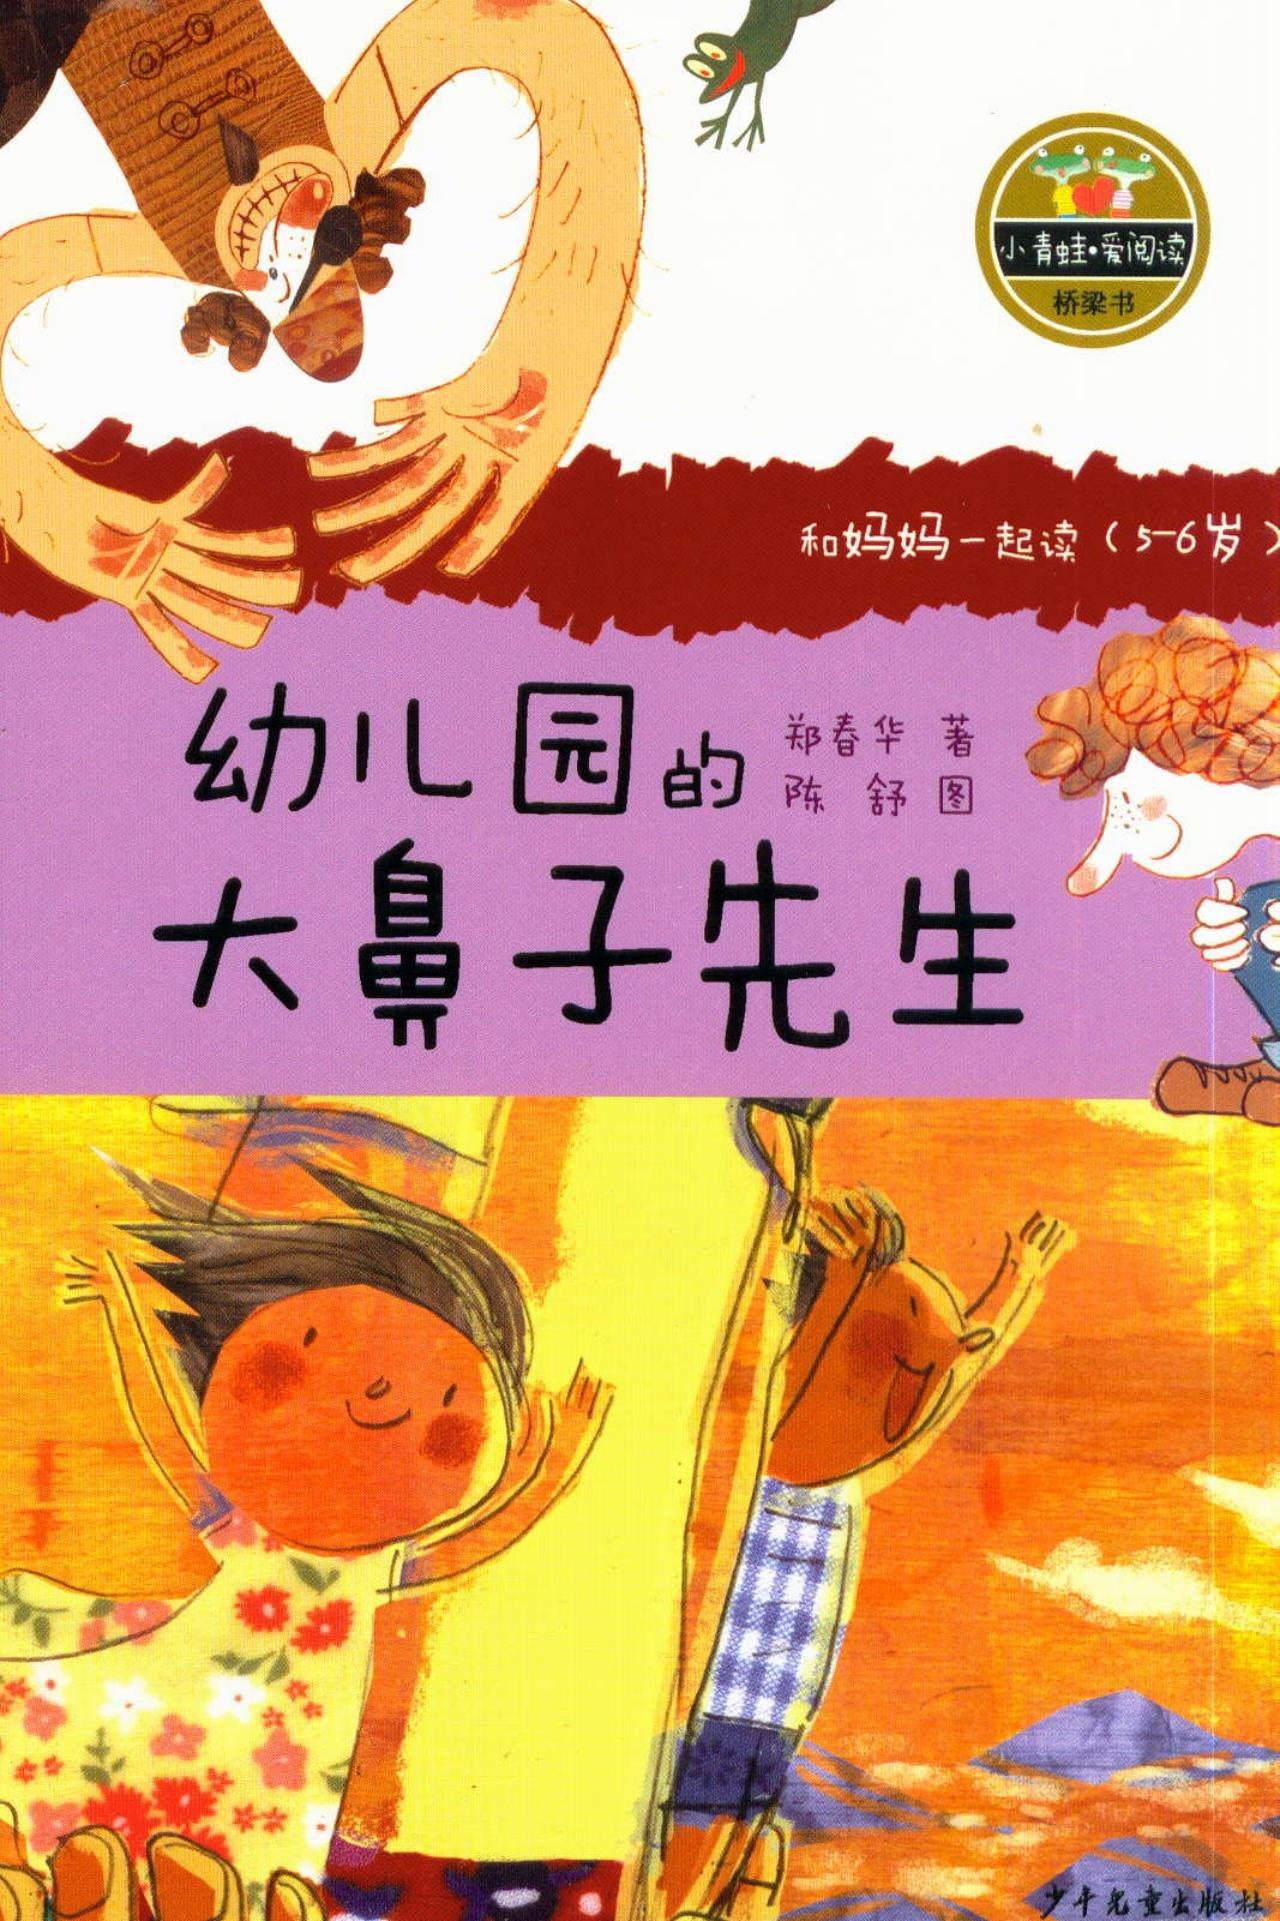 小青蛙·爱阅读(桥梁书):幼儿园的大鼻子先生